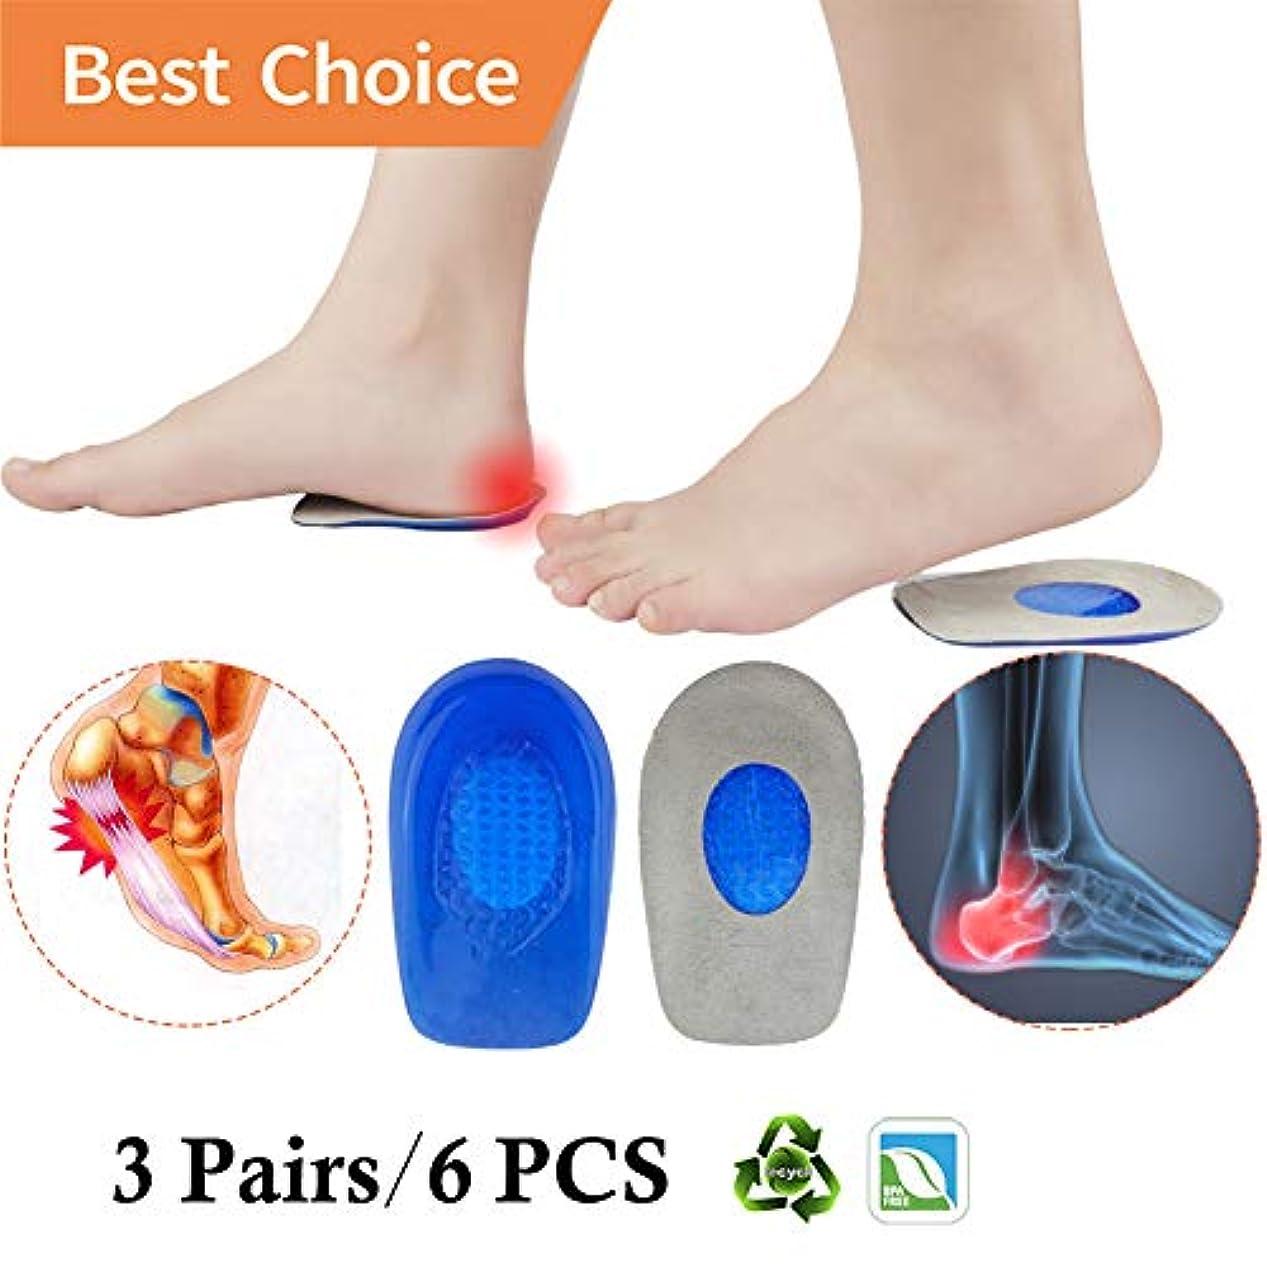 不均一司法マークされた足底筋膜炎インサート かかと中敷き ヒールカップ ゲル ヒールパッド クッション (3ペア)ヒールインサート 踵の痛みに最適 アキレス腱炎 男女兼用